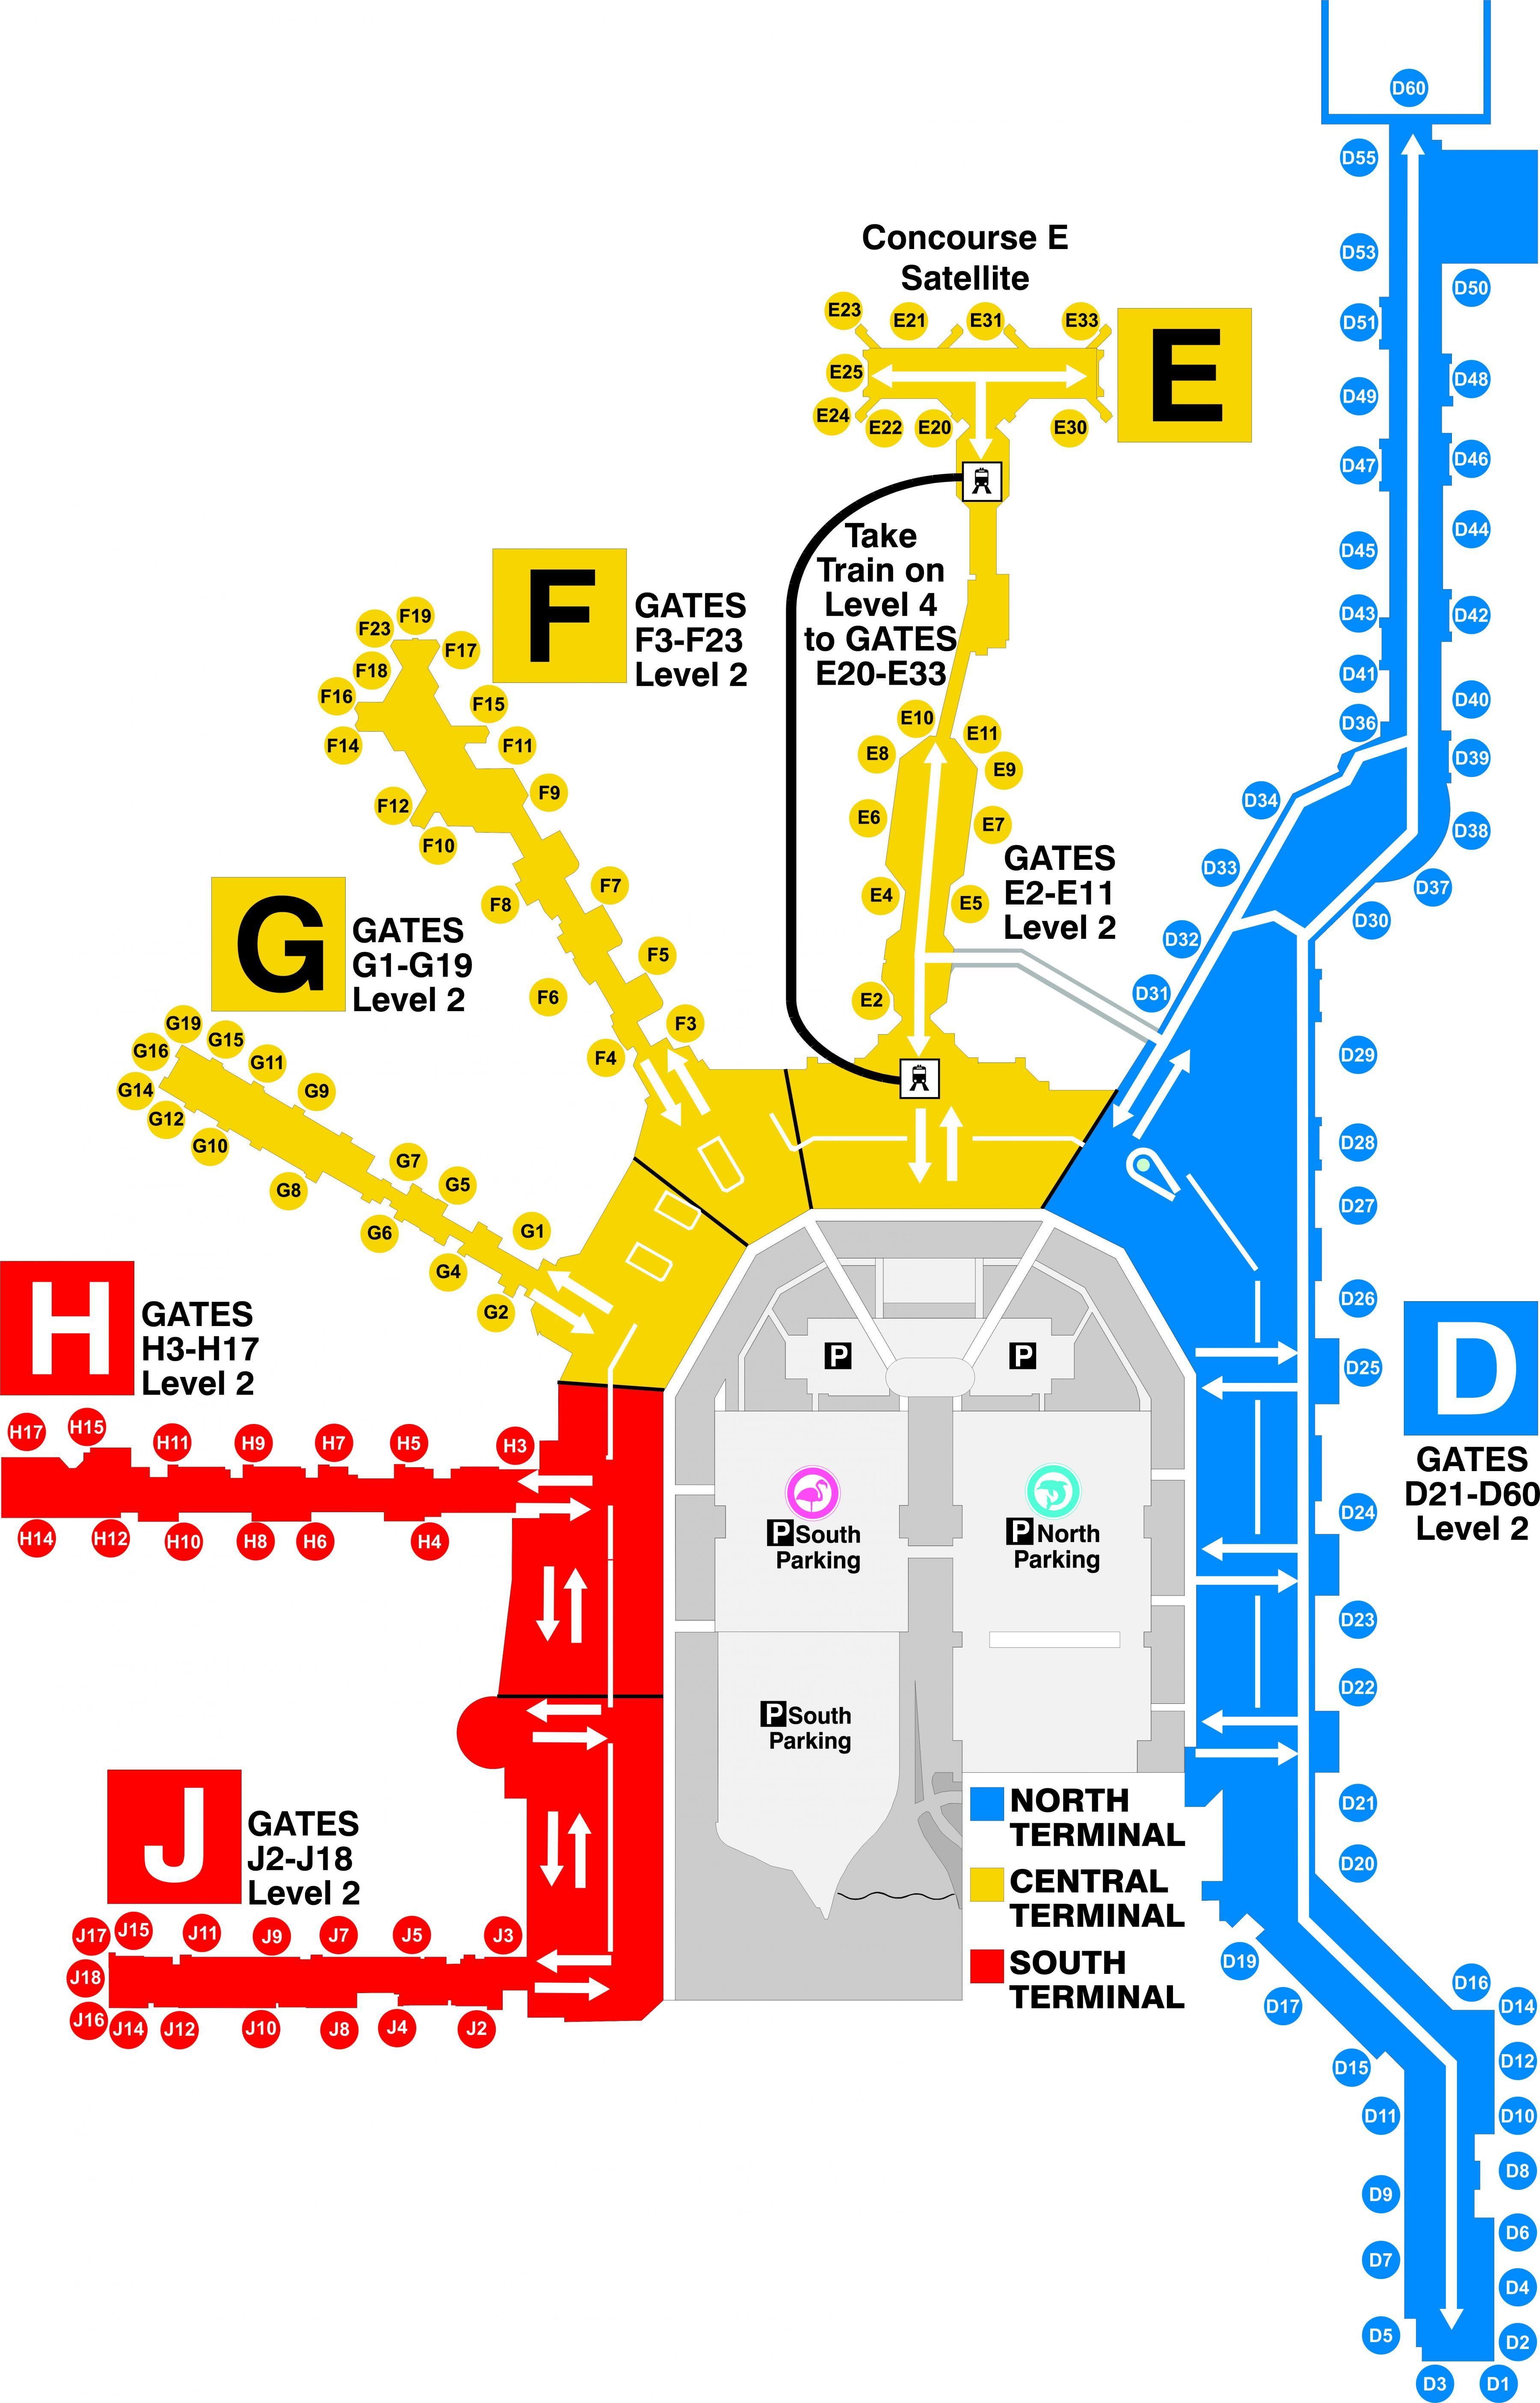 miami airport sulla mappa - mappa di aeroporto di miami